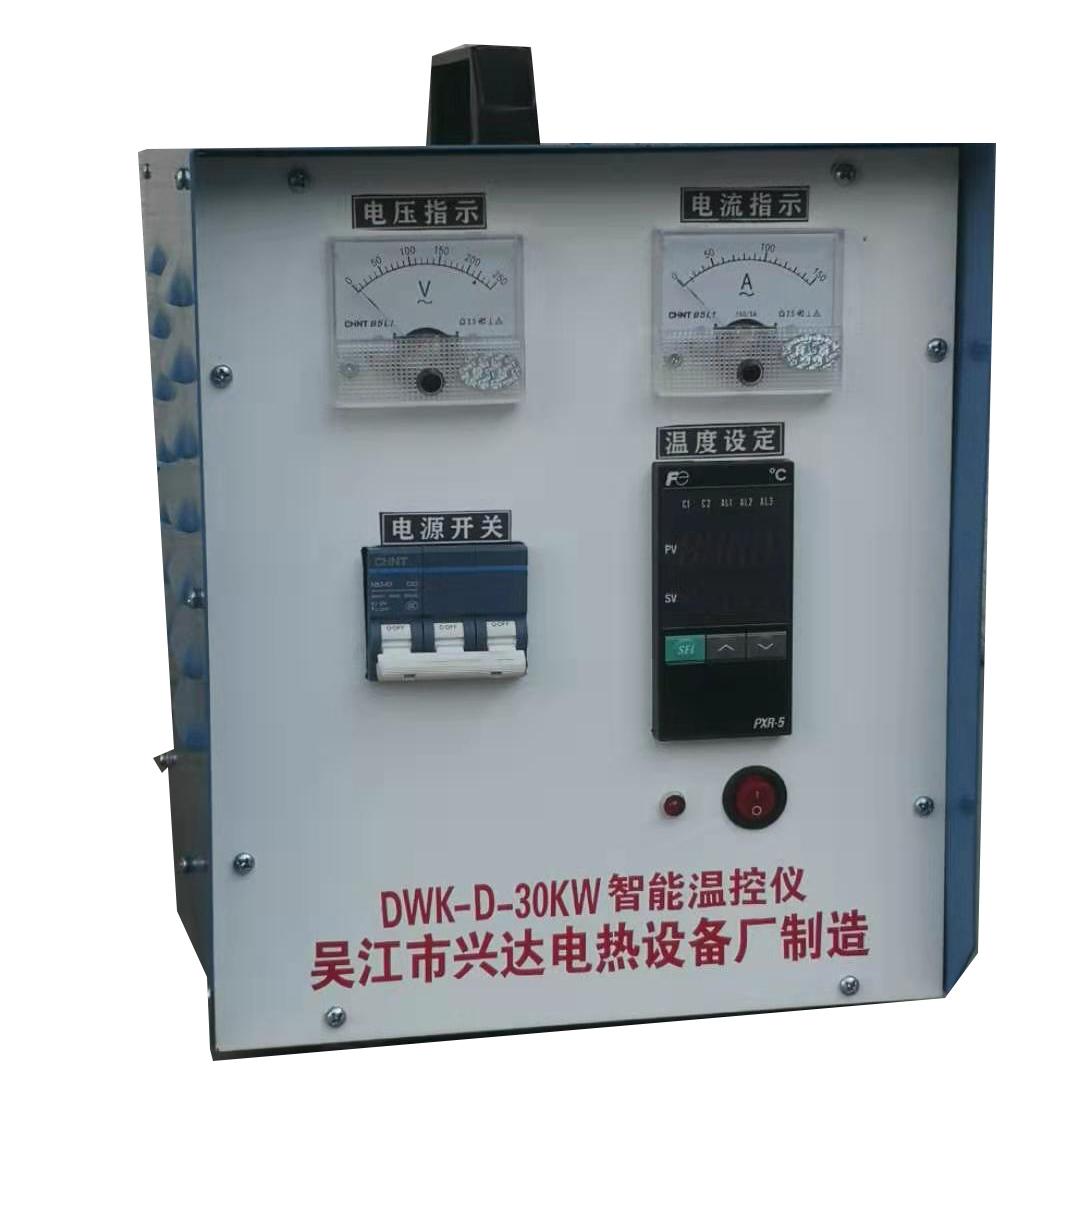 DWK-D智能温控仪-便携式